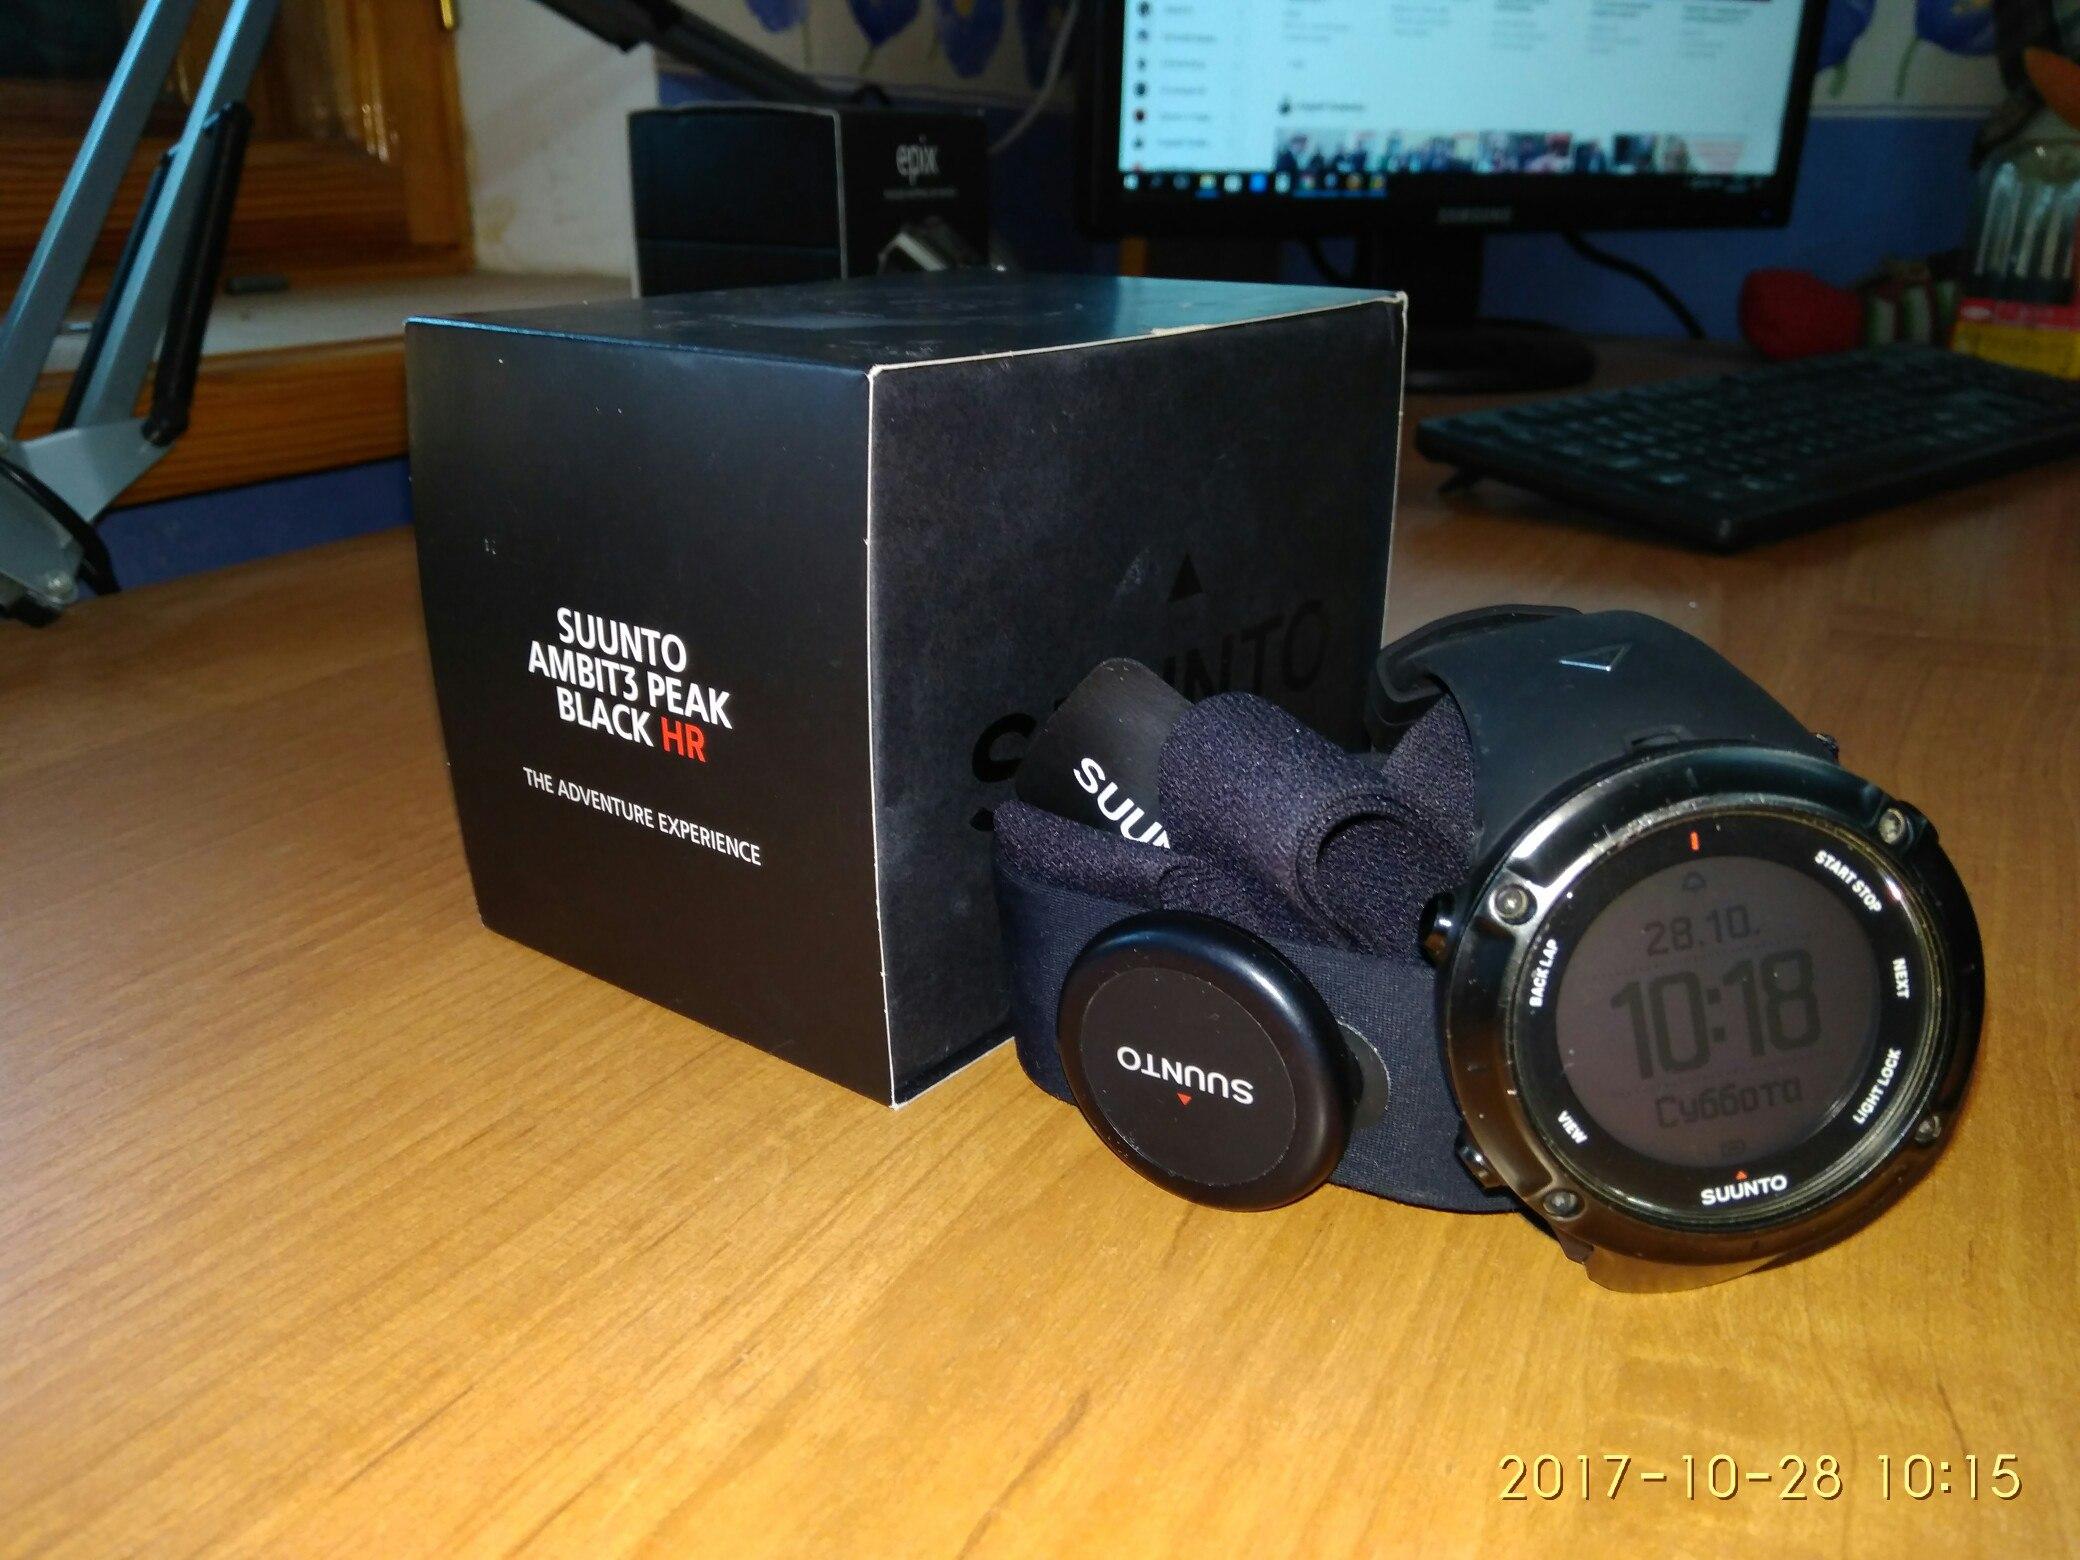 pp.userapi.com/c639416/v639416116/5e20d/HhSgu1dam6A.jpg